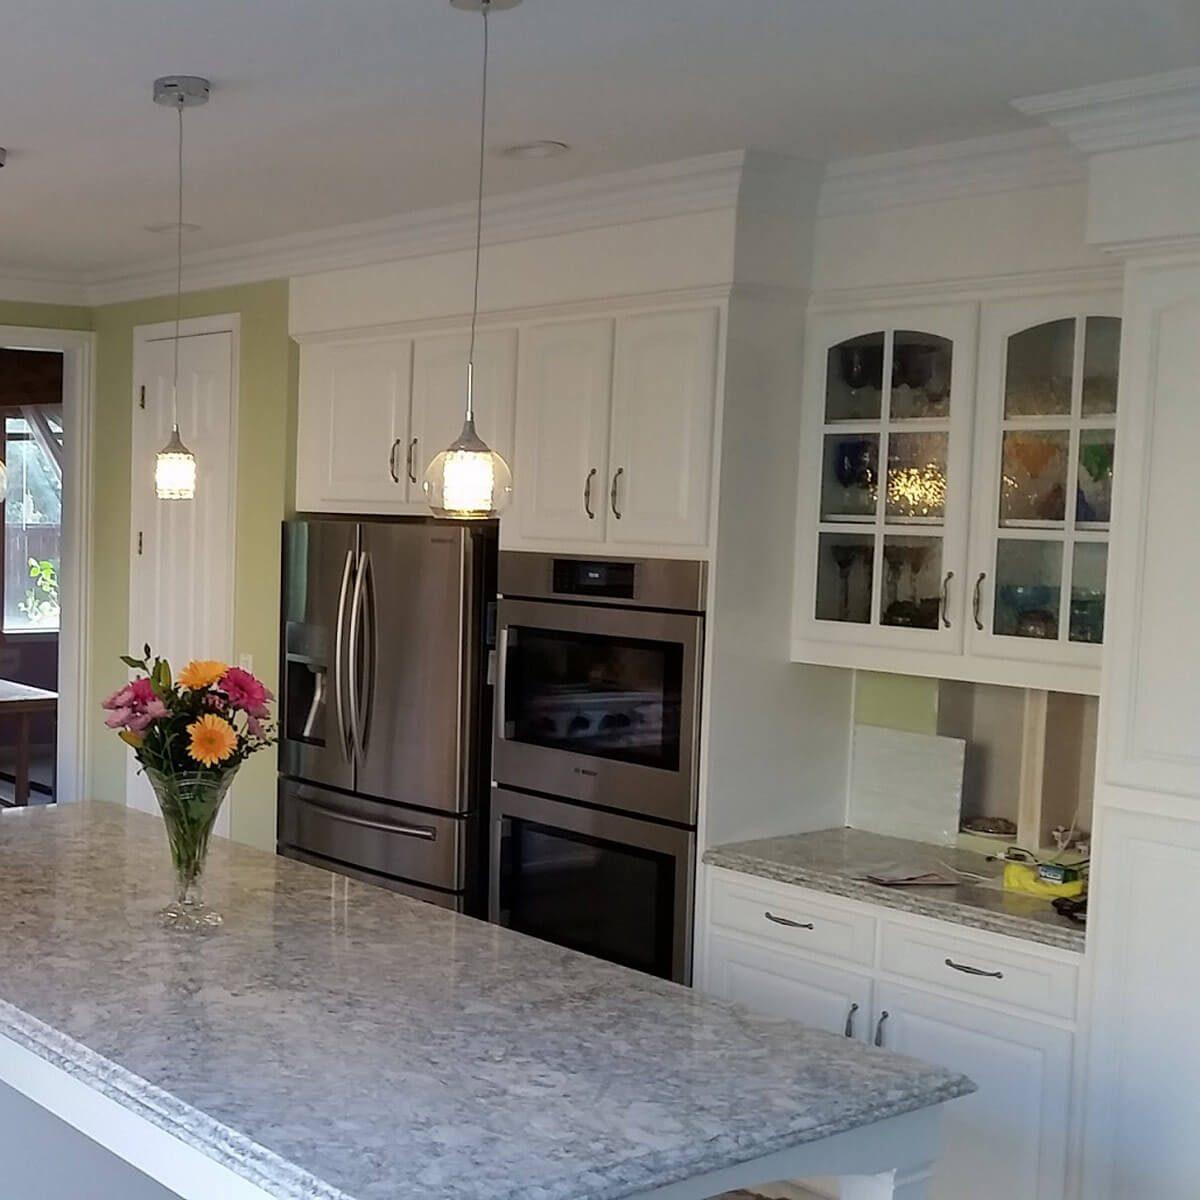 Finishing details on kitchen